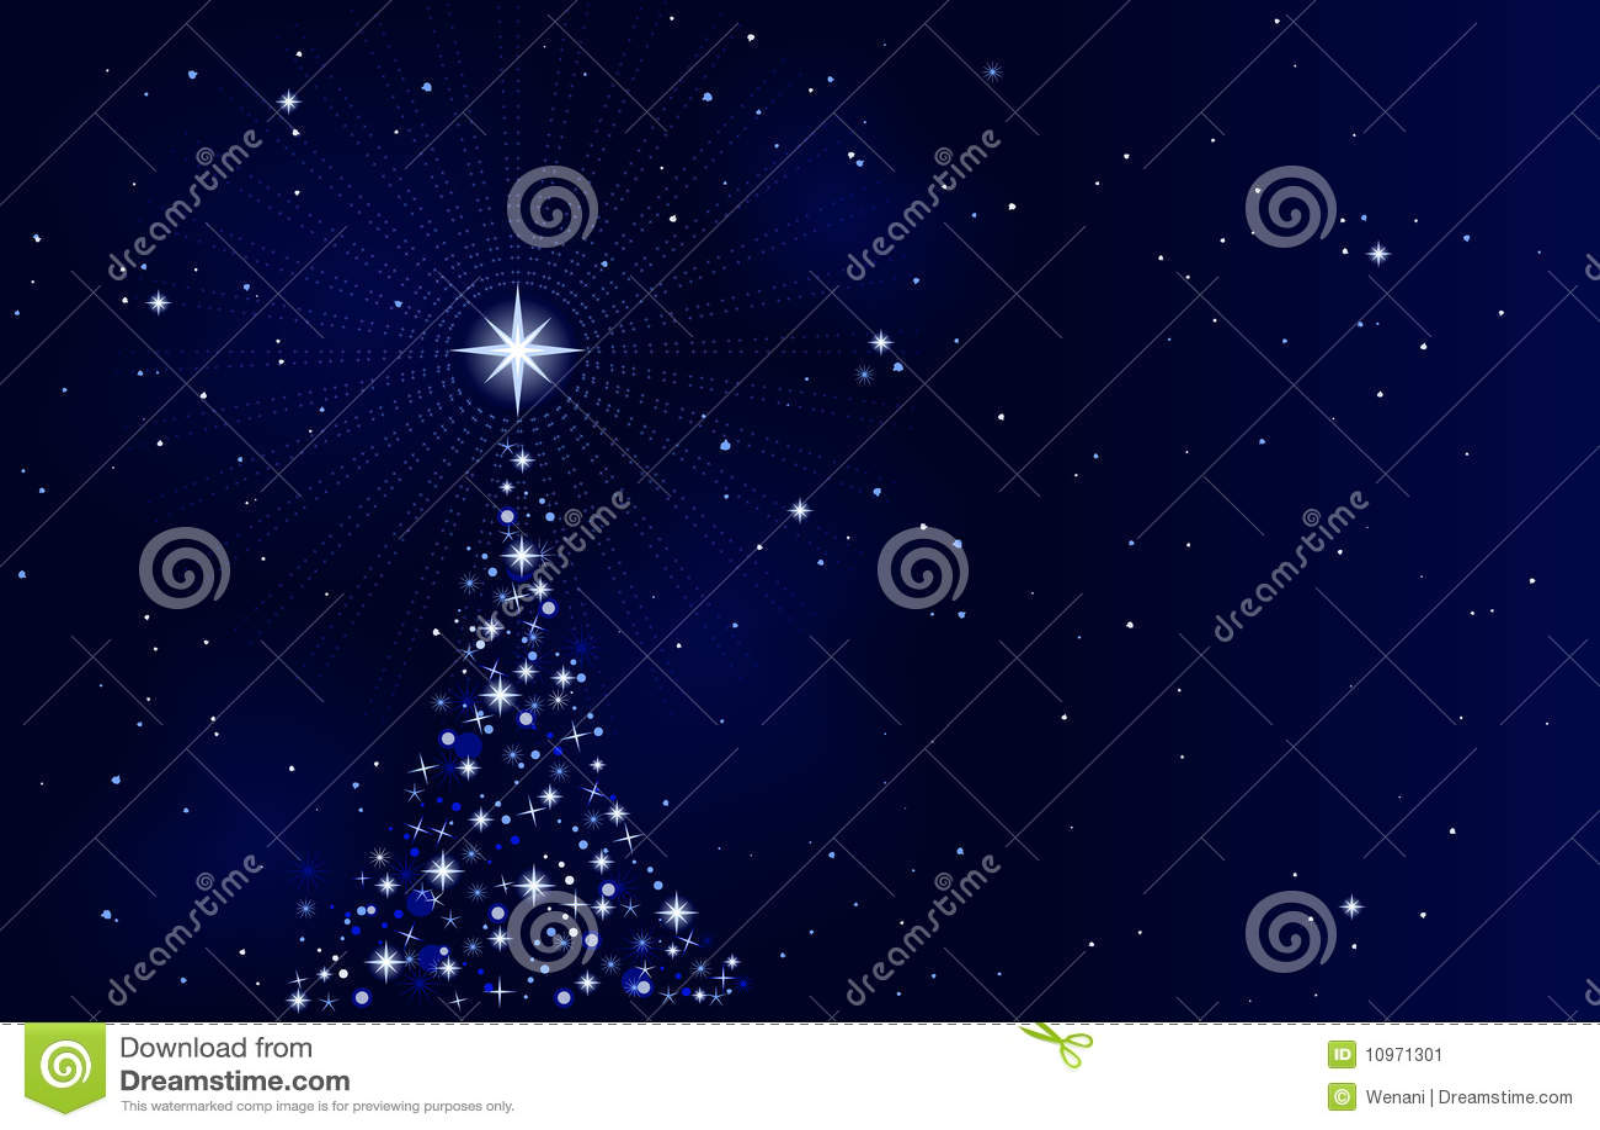 Silent Night Holy Night Stock Image Image 10971301